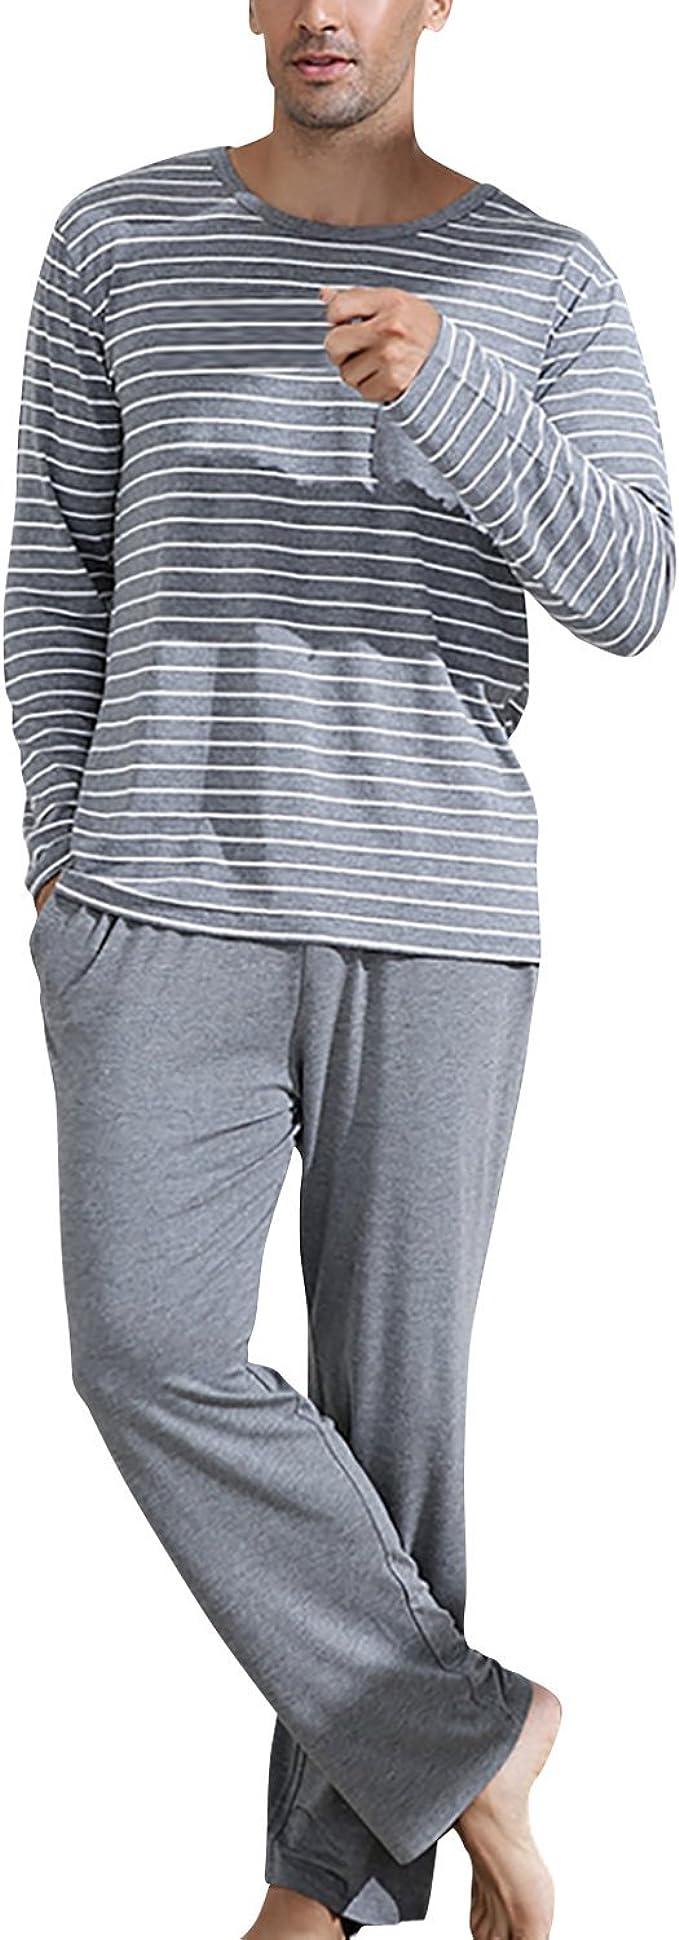 Dolamen Pijamas para Hombre, Pijamas Hombre Invierno, Hombre Camisones Pijamas de Parejas, Algodón Suave y cálido Manga Larga y Pantalones Largos